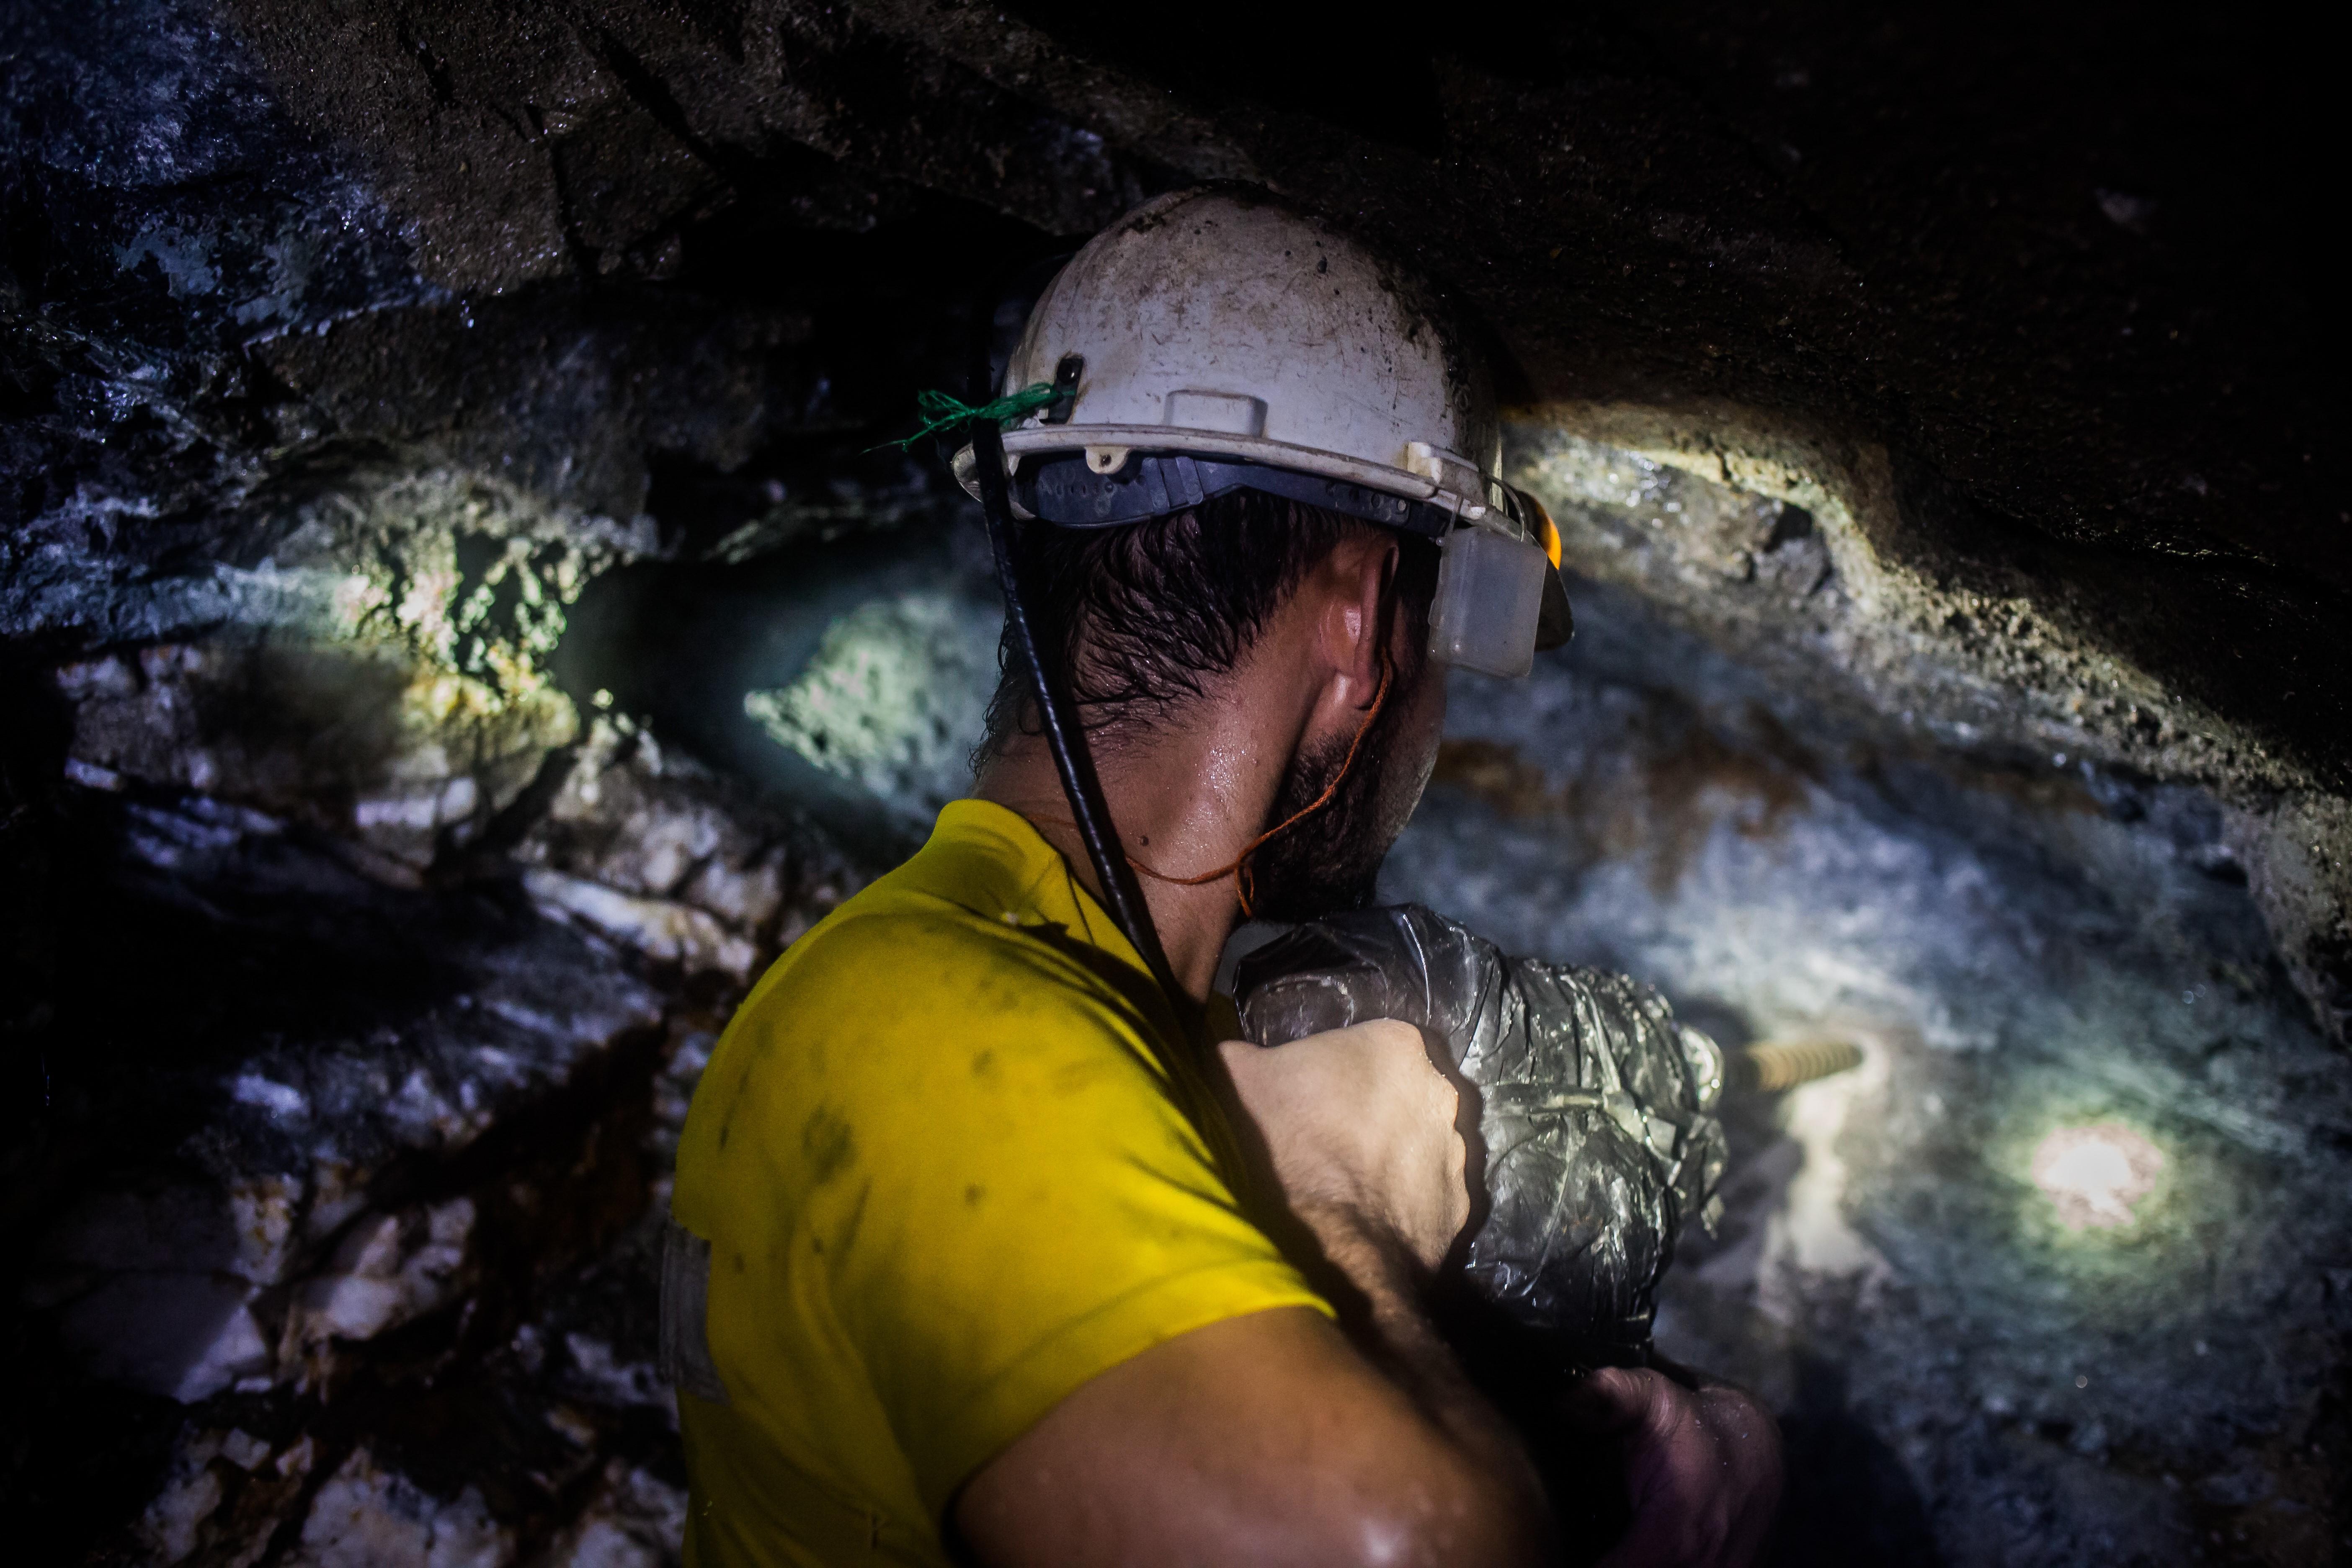 A worker in an underground gold mine.